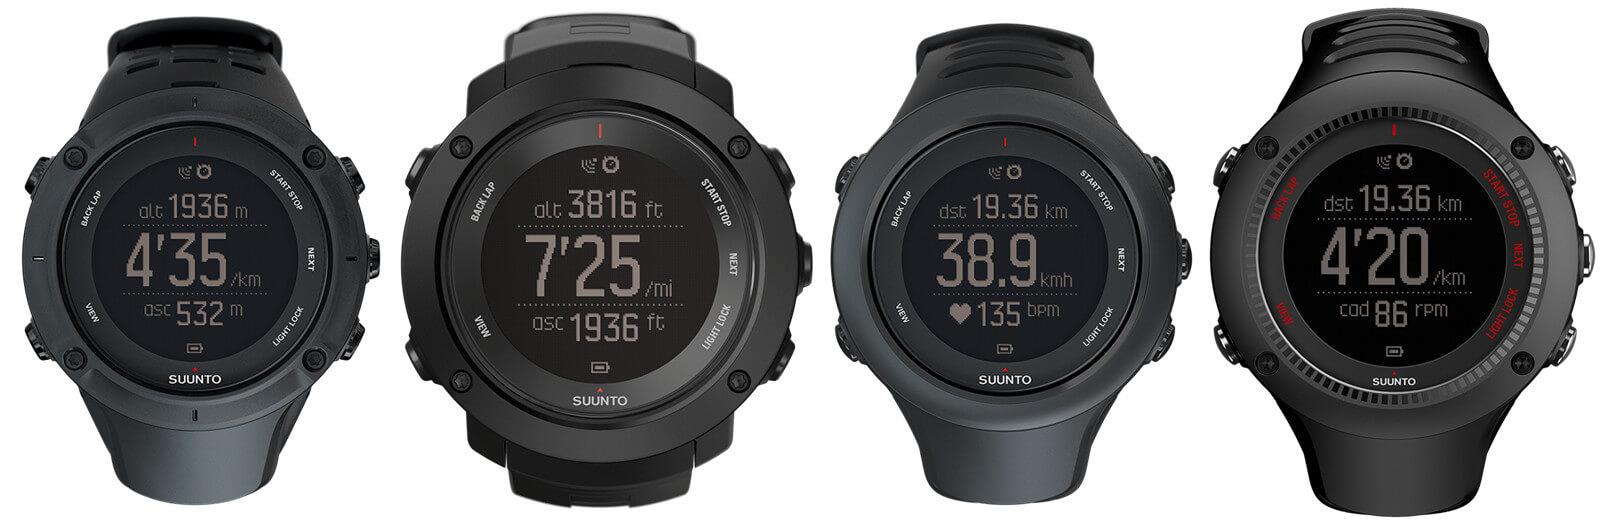 Suunto Ambit3 Waterproof (50-meter and 100-meter WR) GPS Smartwatches - Peak, Vertical, Sport, Run